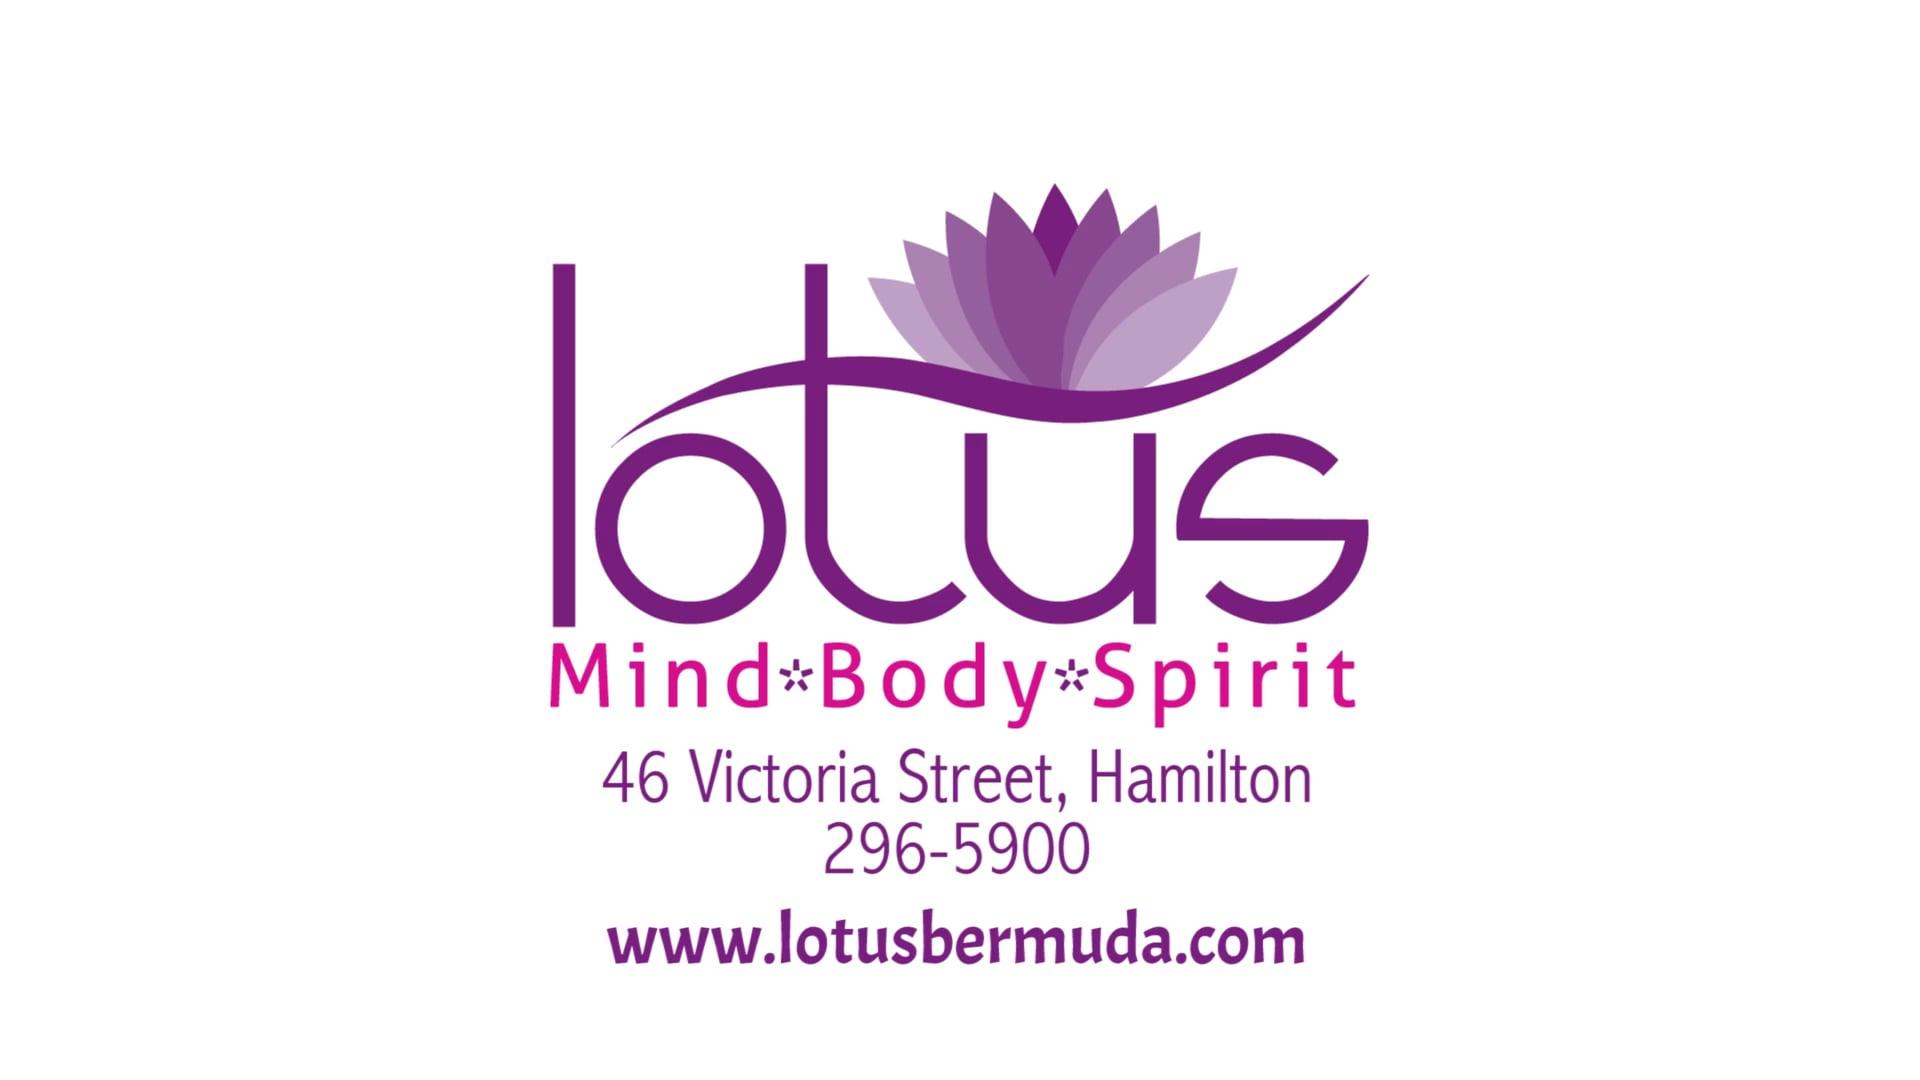 LOTUS: Mind Body Spirit